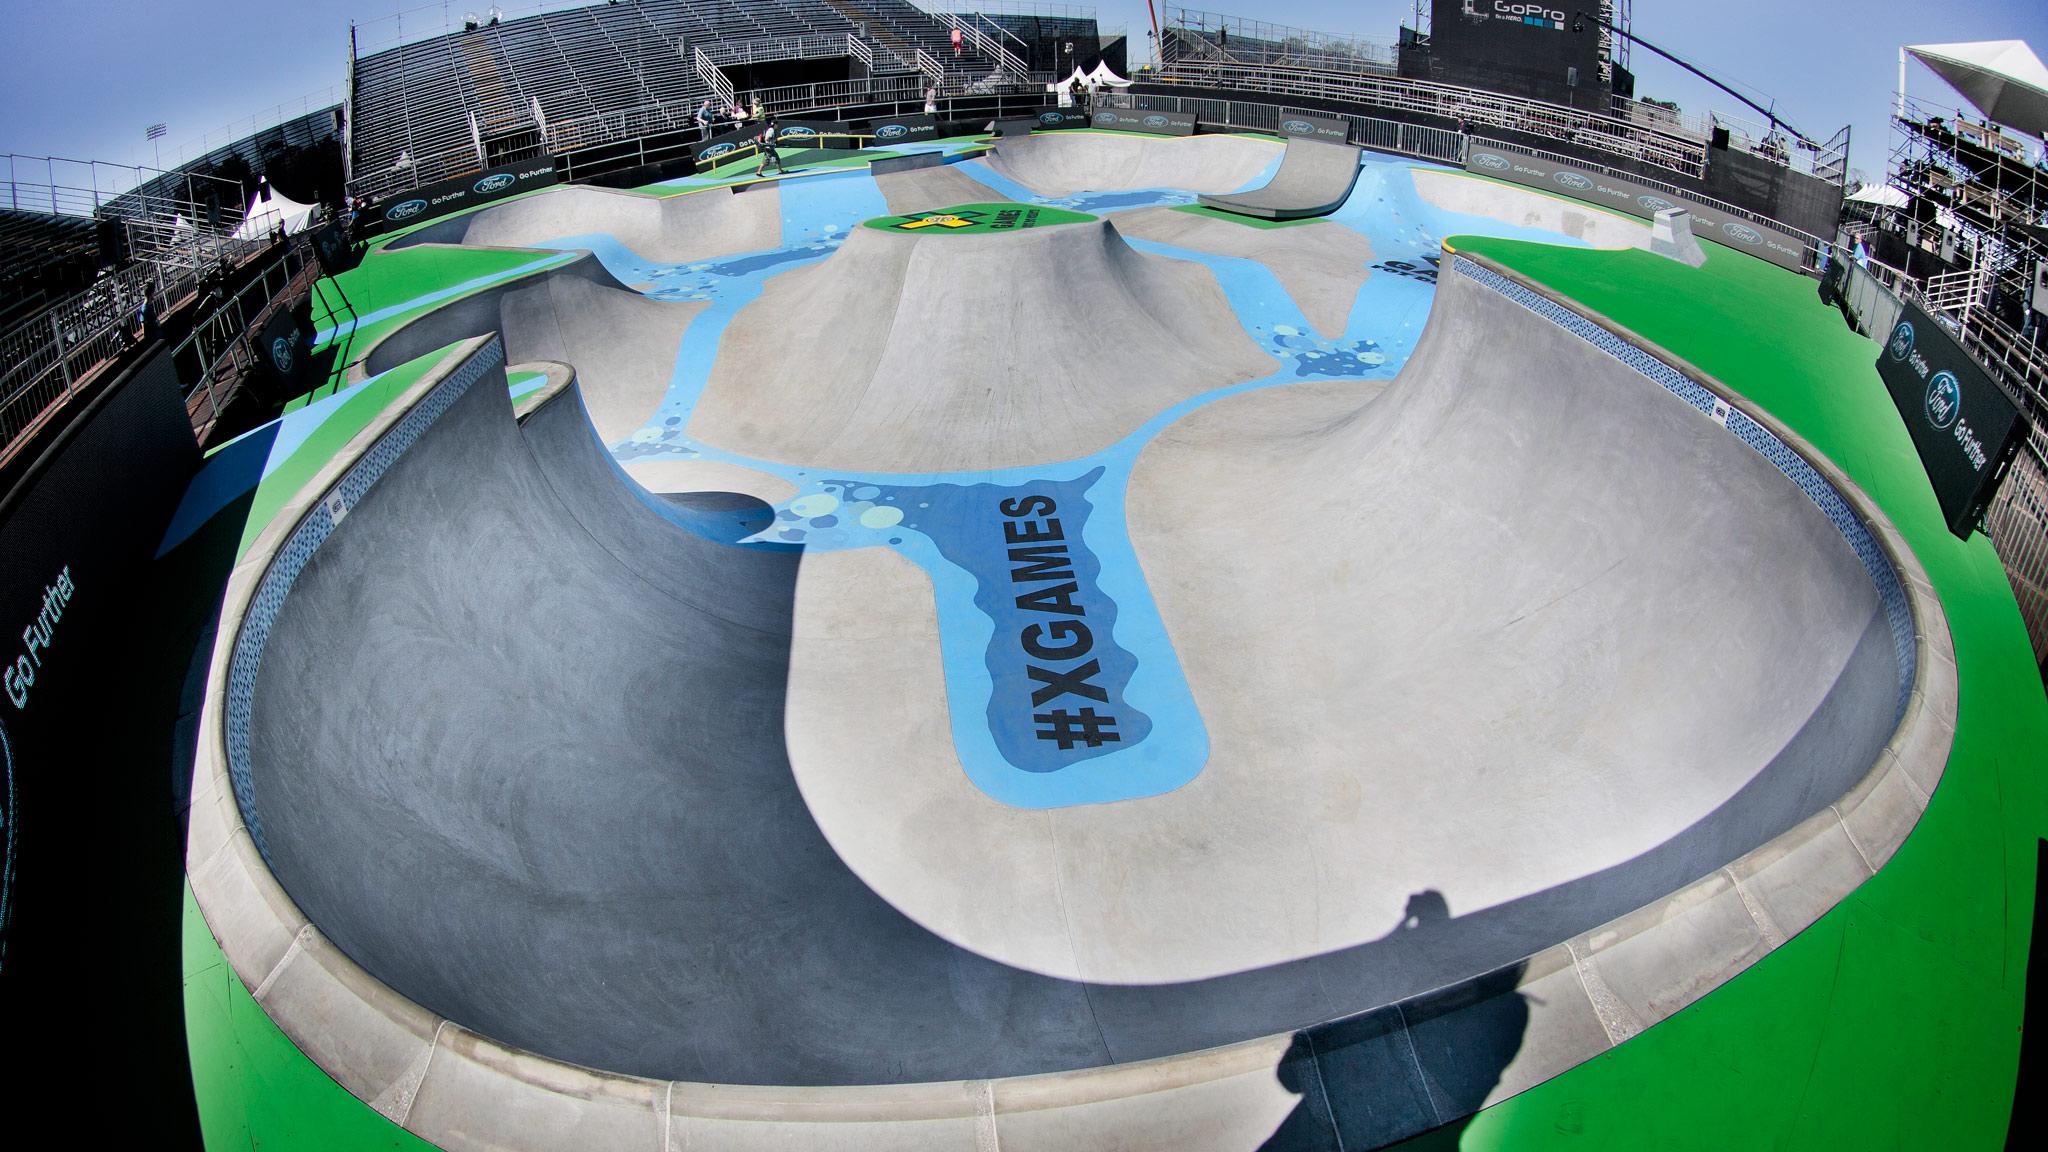 X Games Park